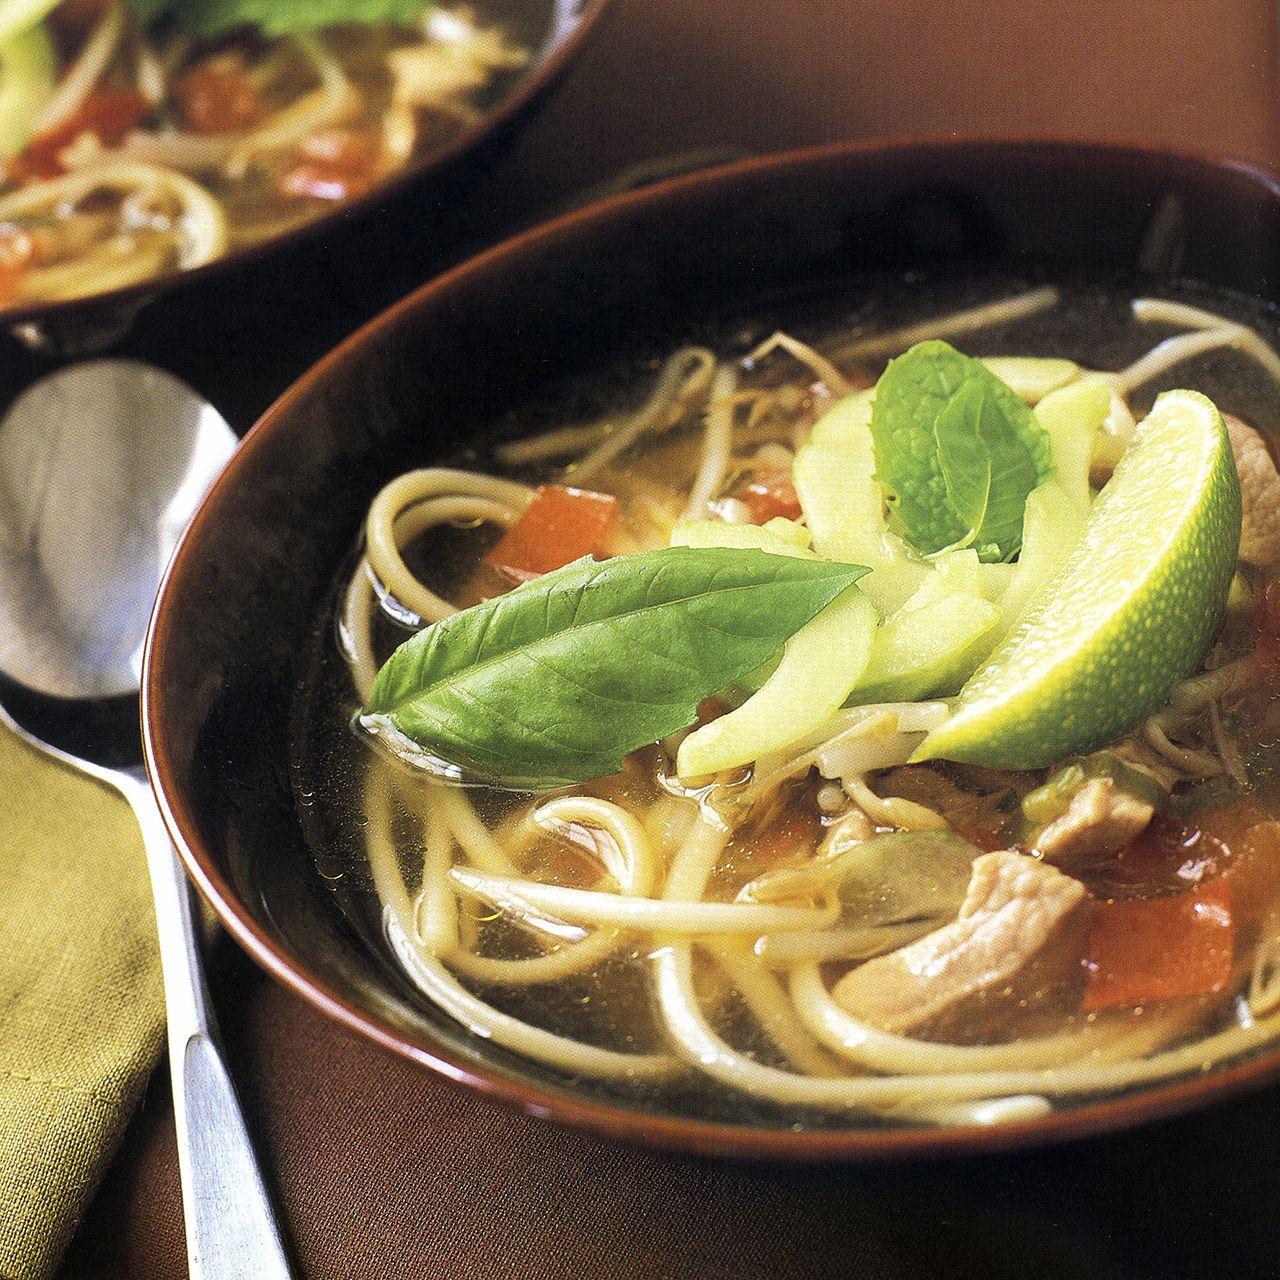 Vietnamese Pork-and-Noodle Soup